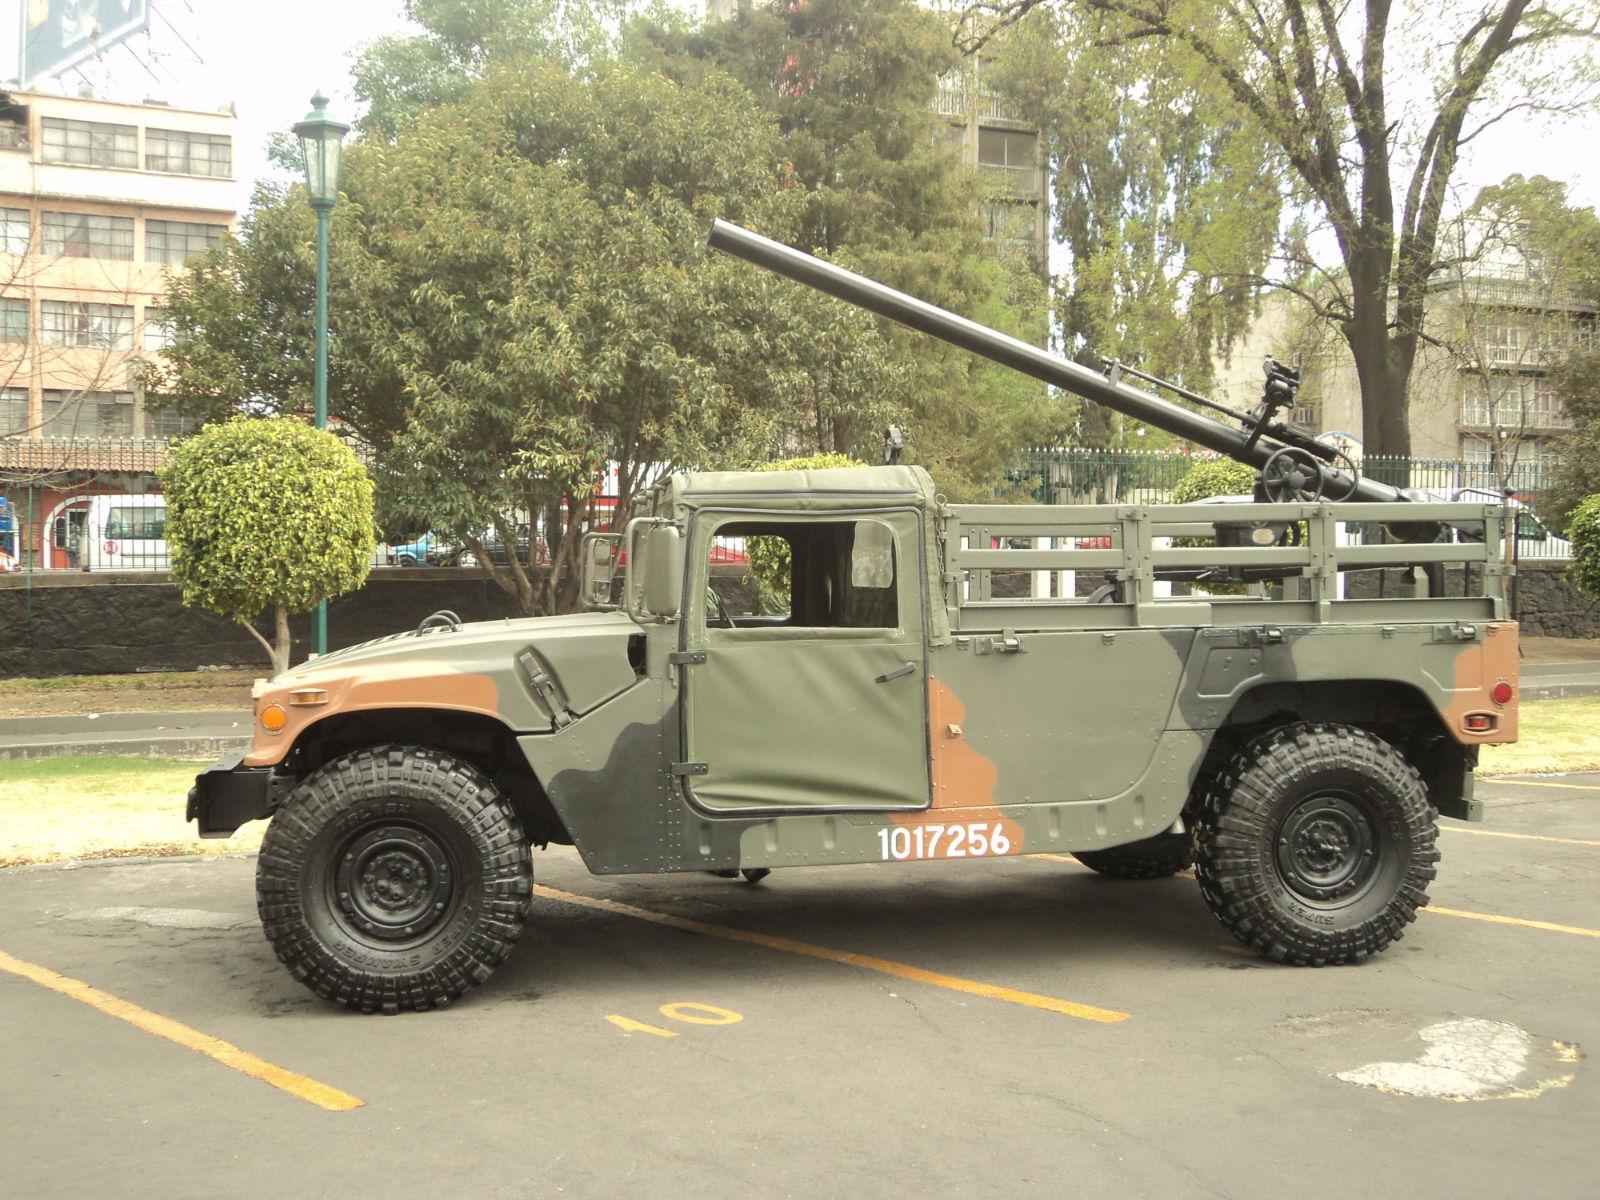 Exhibicion itinerante del Ejercito y Fuerza Aerea; La Gran Fuerza de México PROXIMA SEDE: JALISCO - Página 2 DSC01440